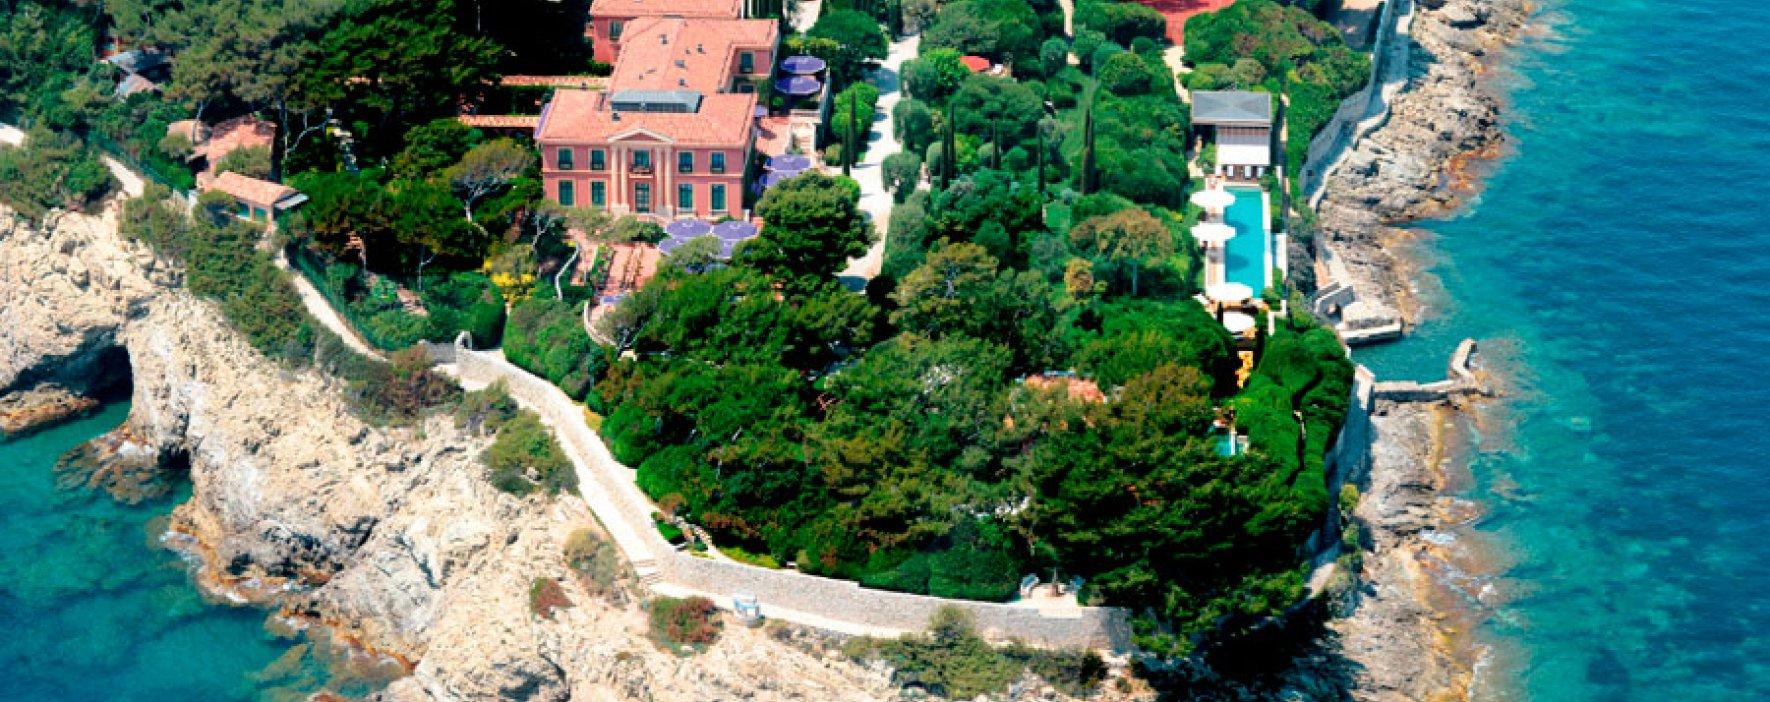 La vivienda más cara del mundo se encuentra en Saint-Jean-Cap-Ferrat